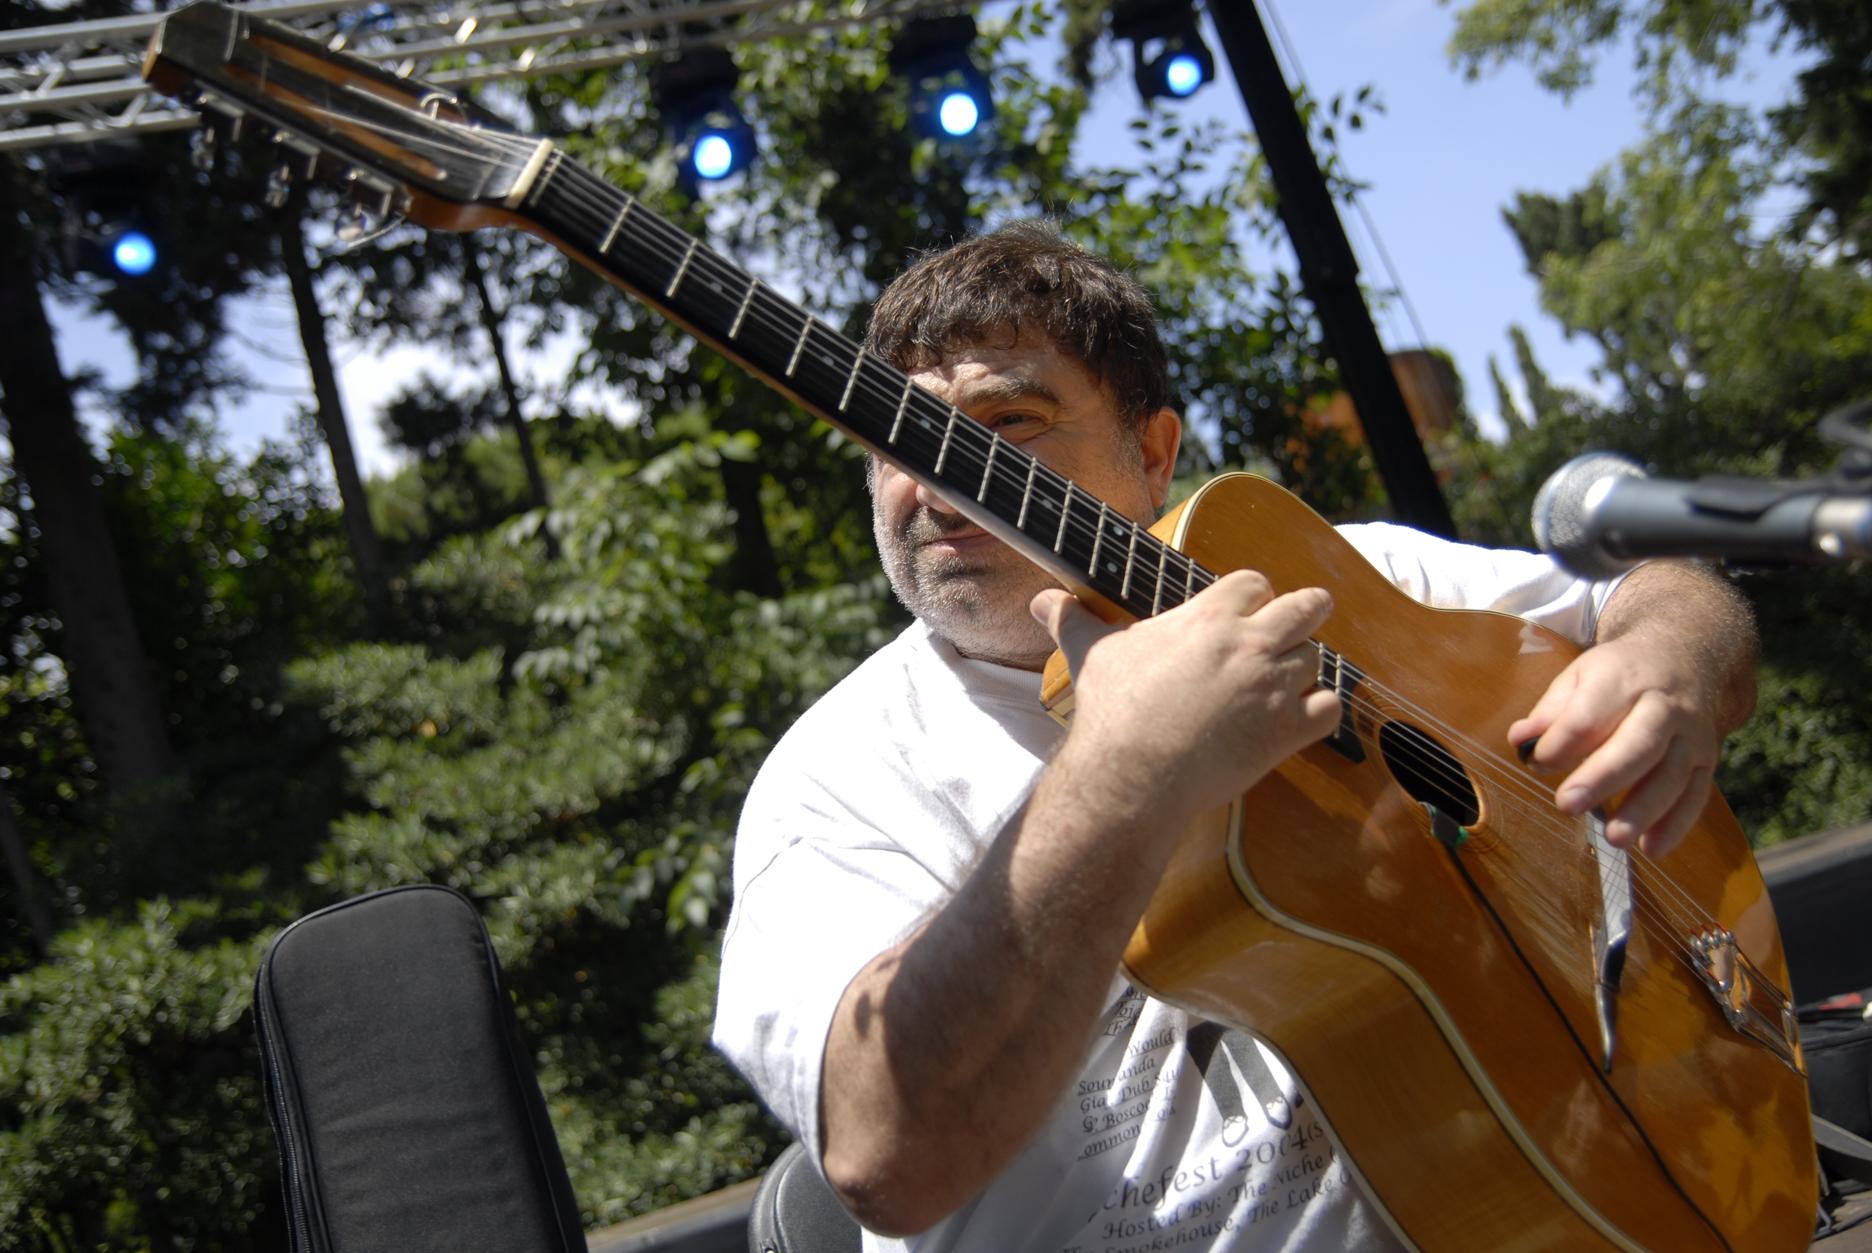 Pere soto with favino guitar